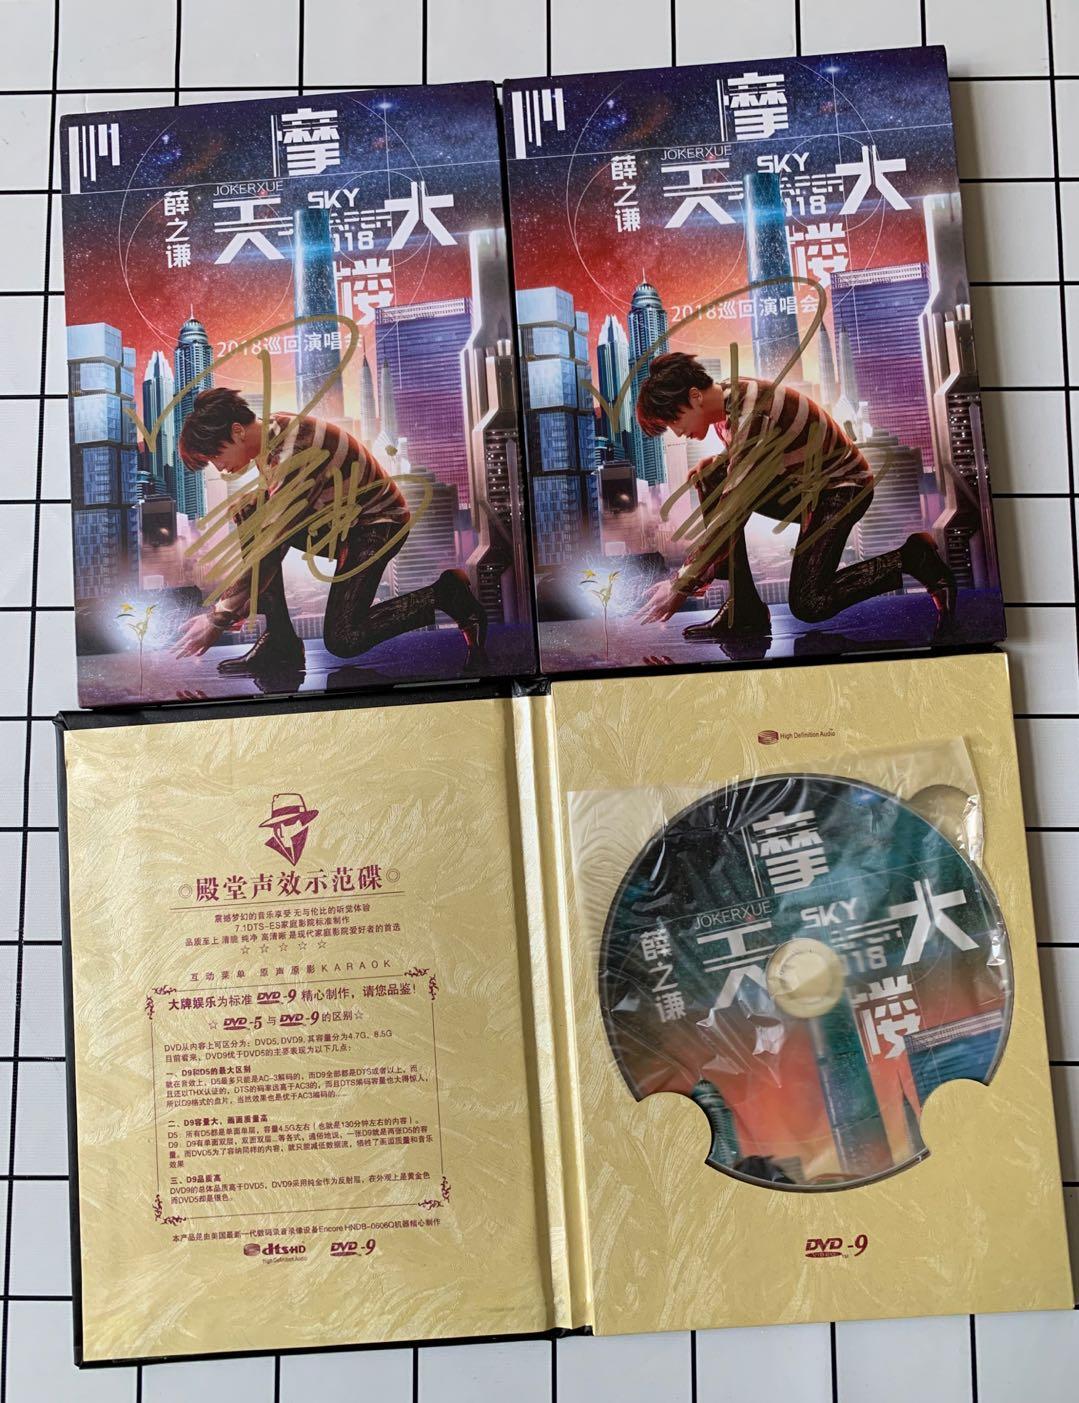 【明星周边】薛之谦签名专辑《摩天大楼》